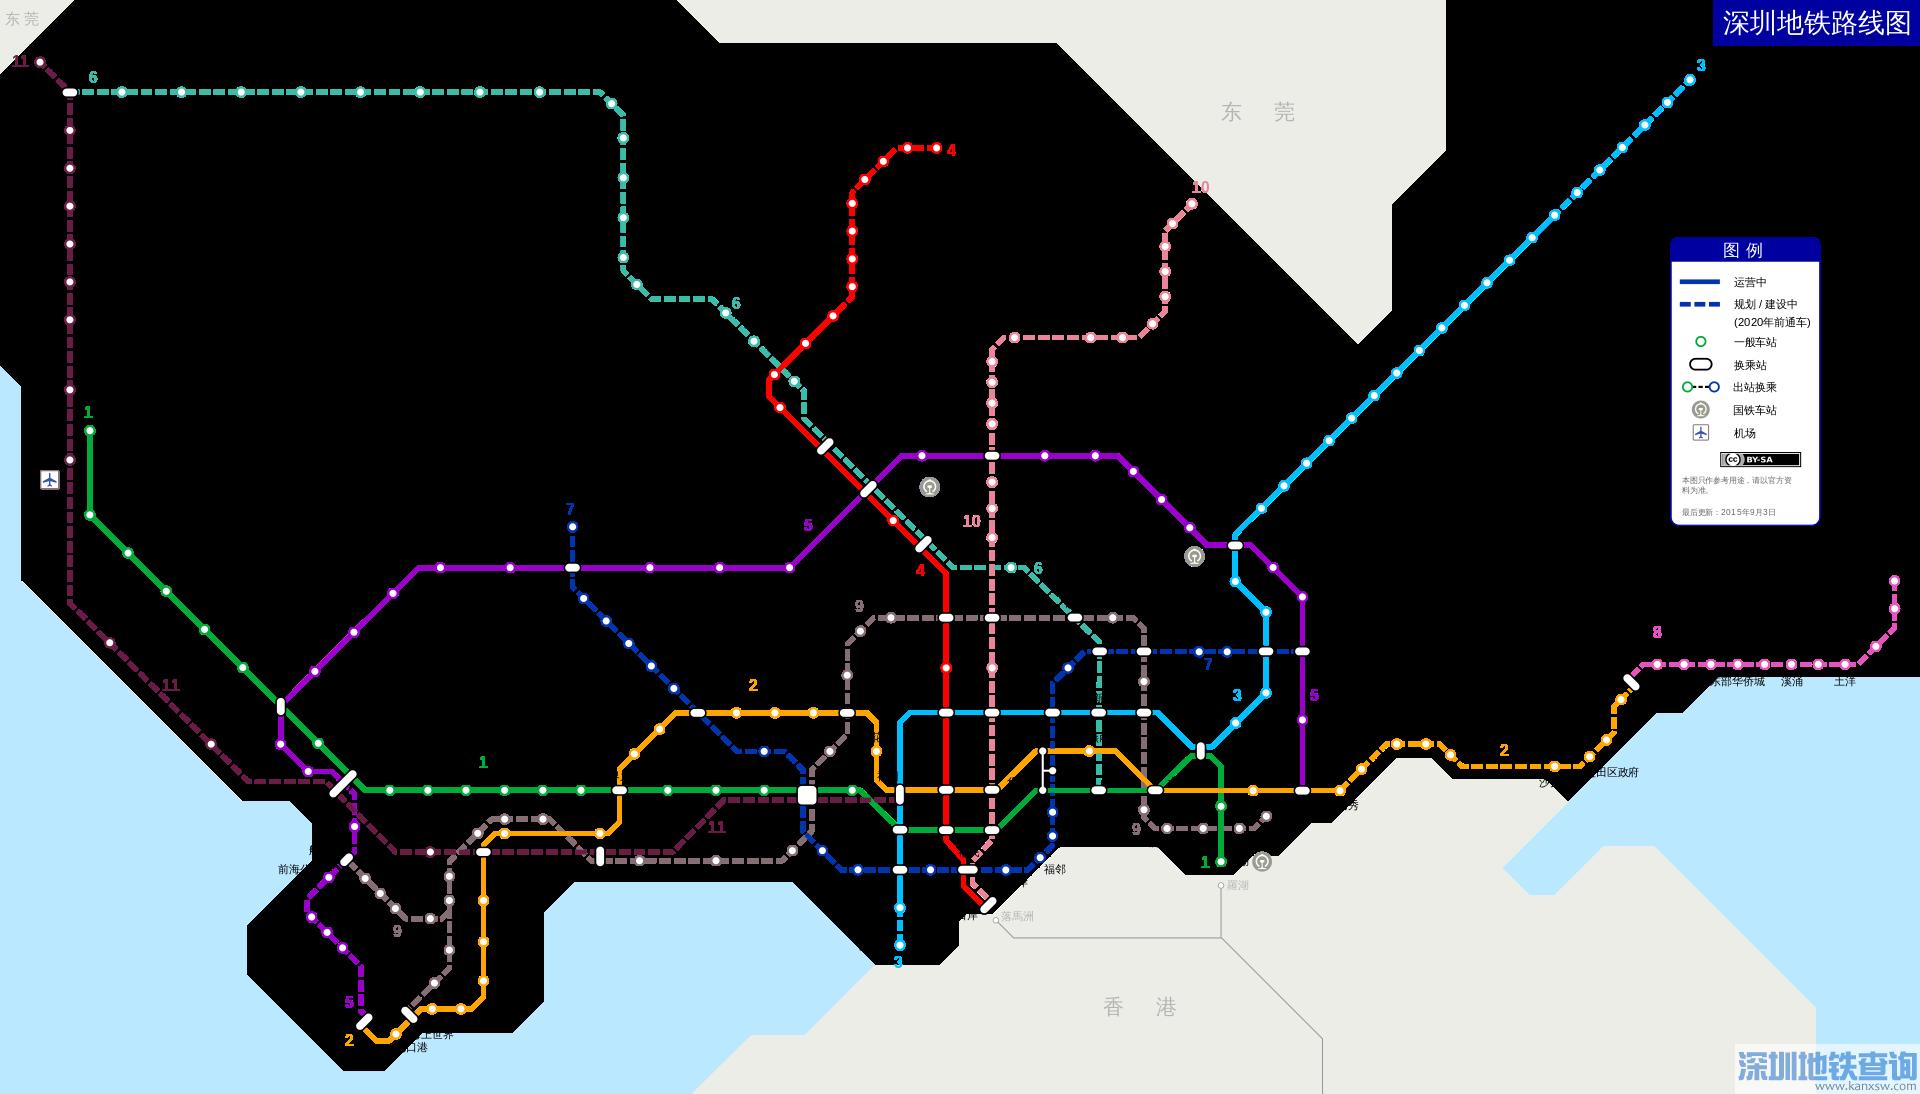 深圳未来20条地铁线路通车时间表